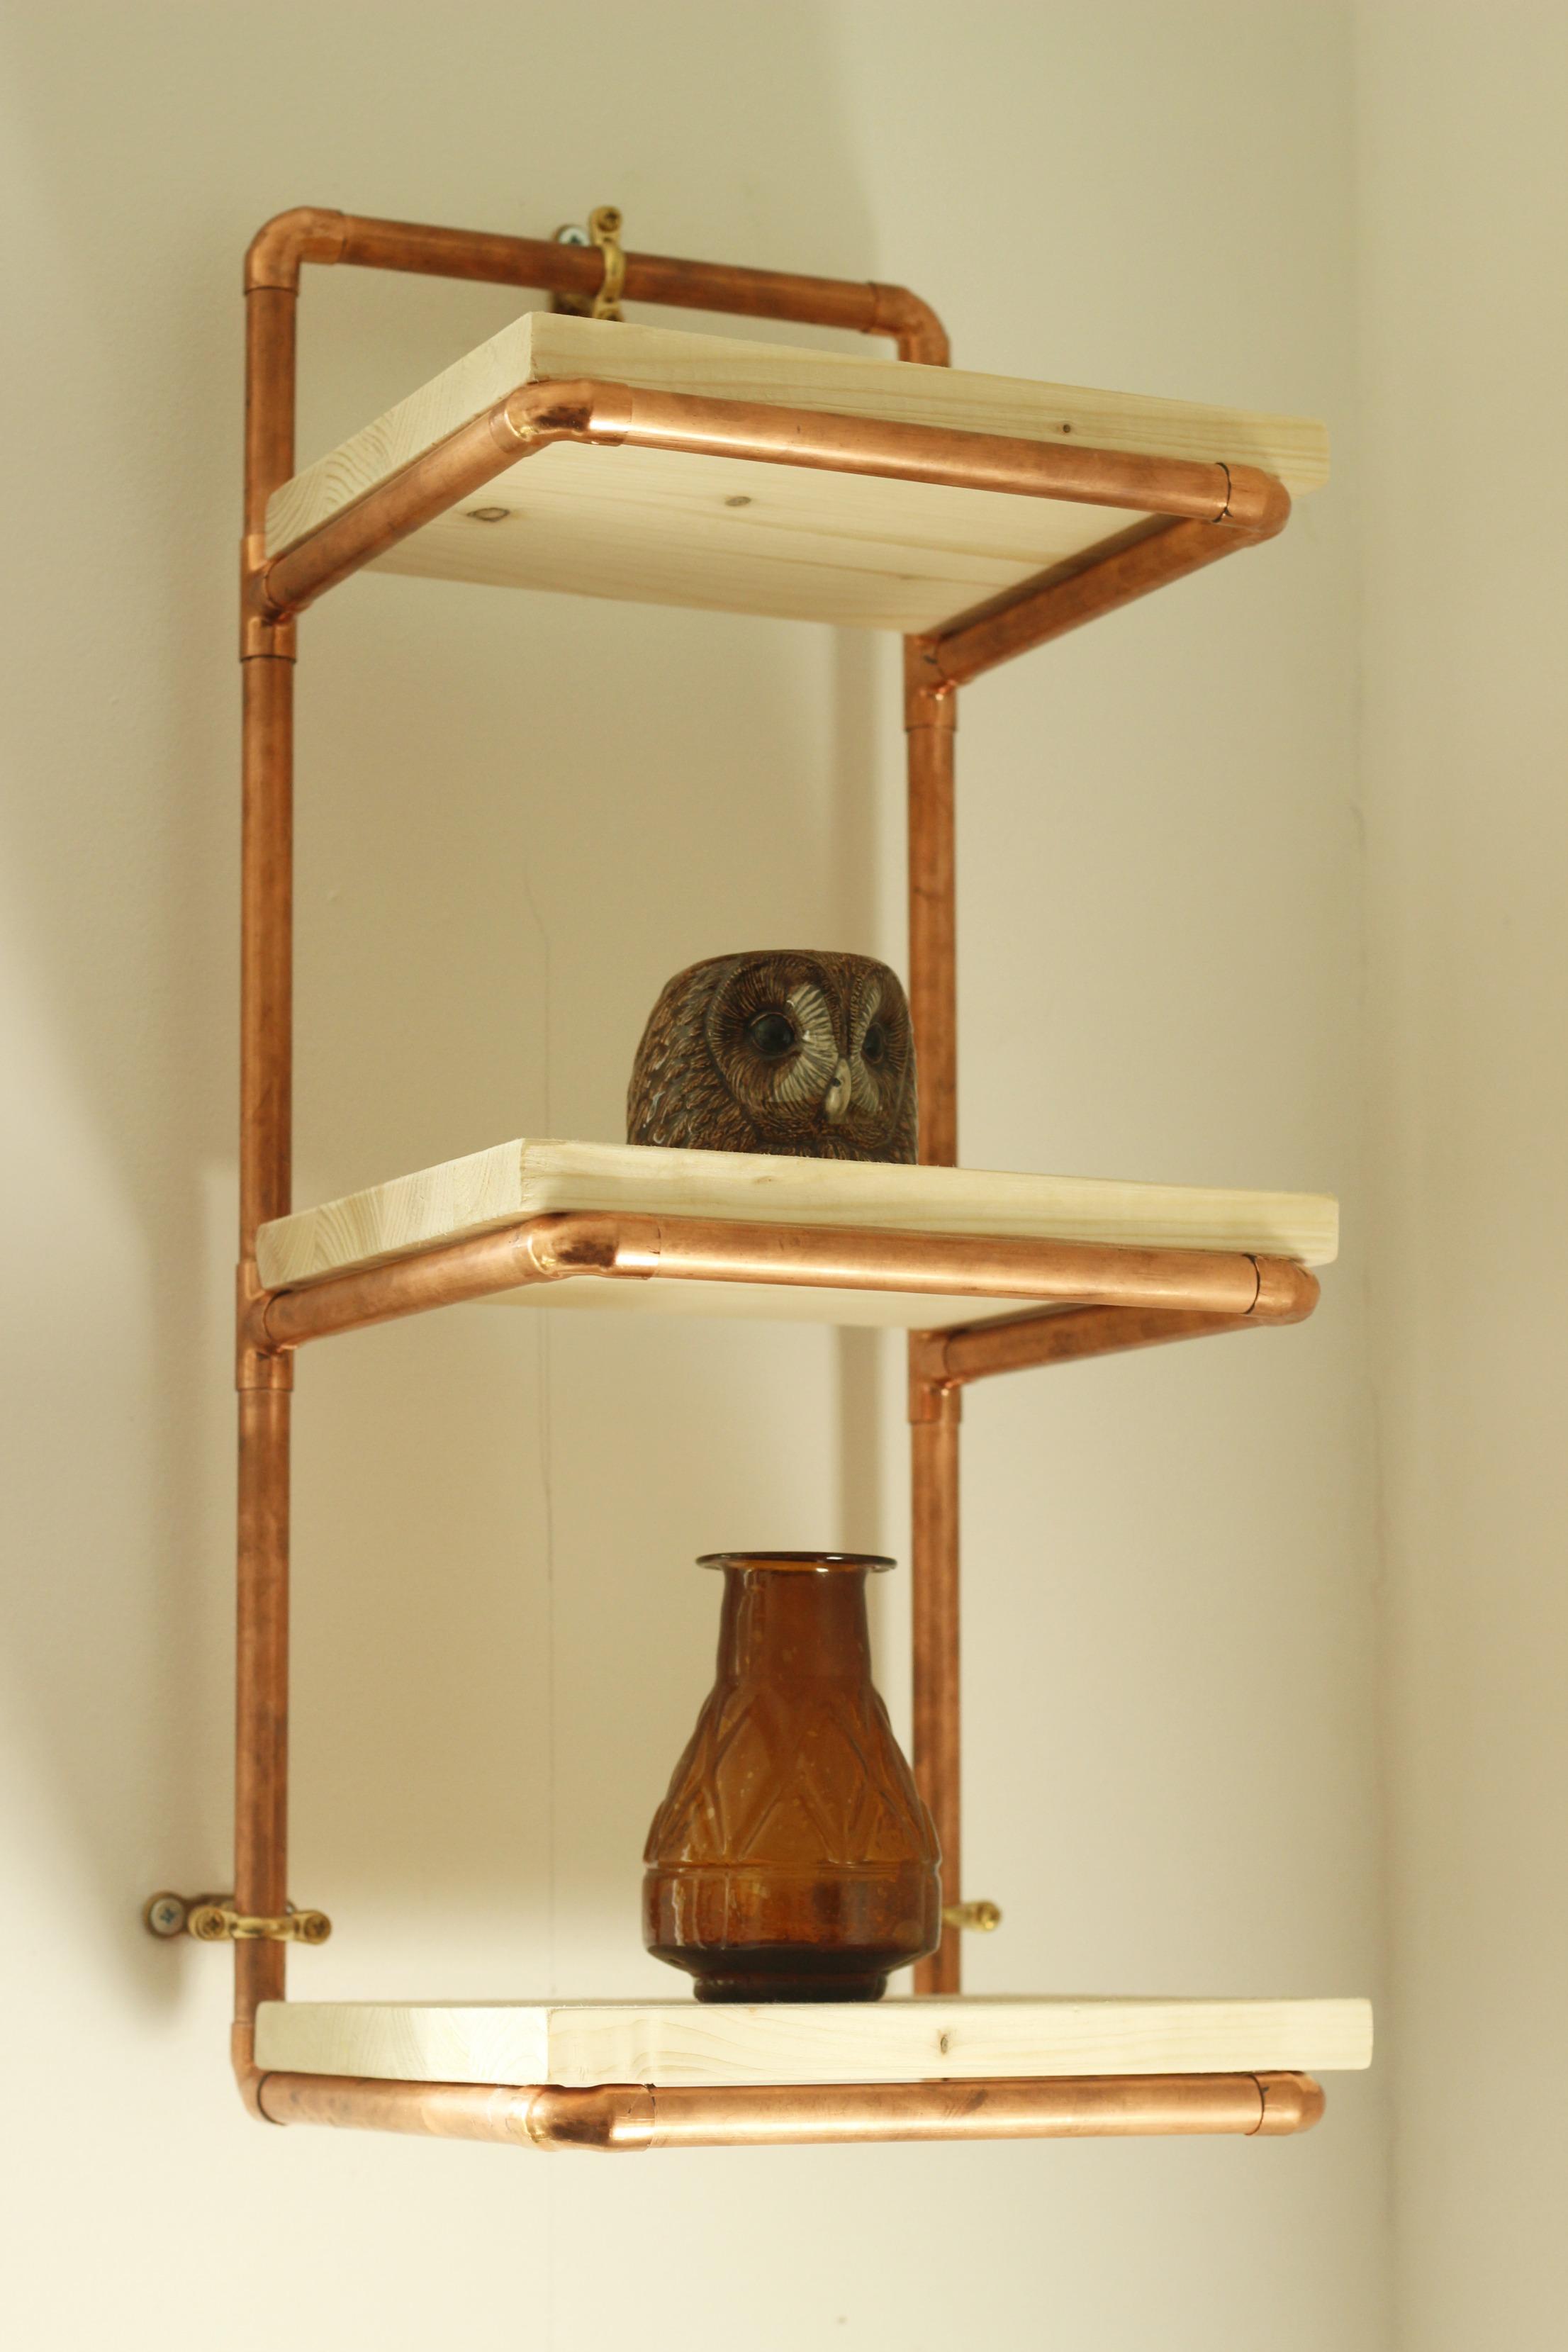 copper shelves.jpg